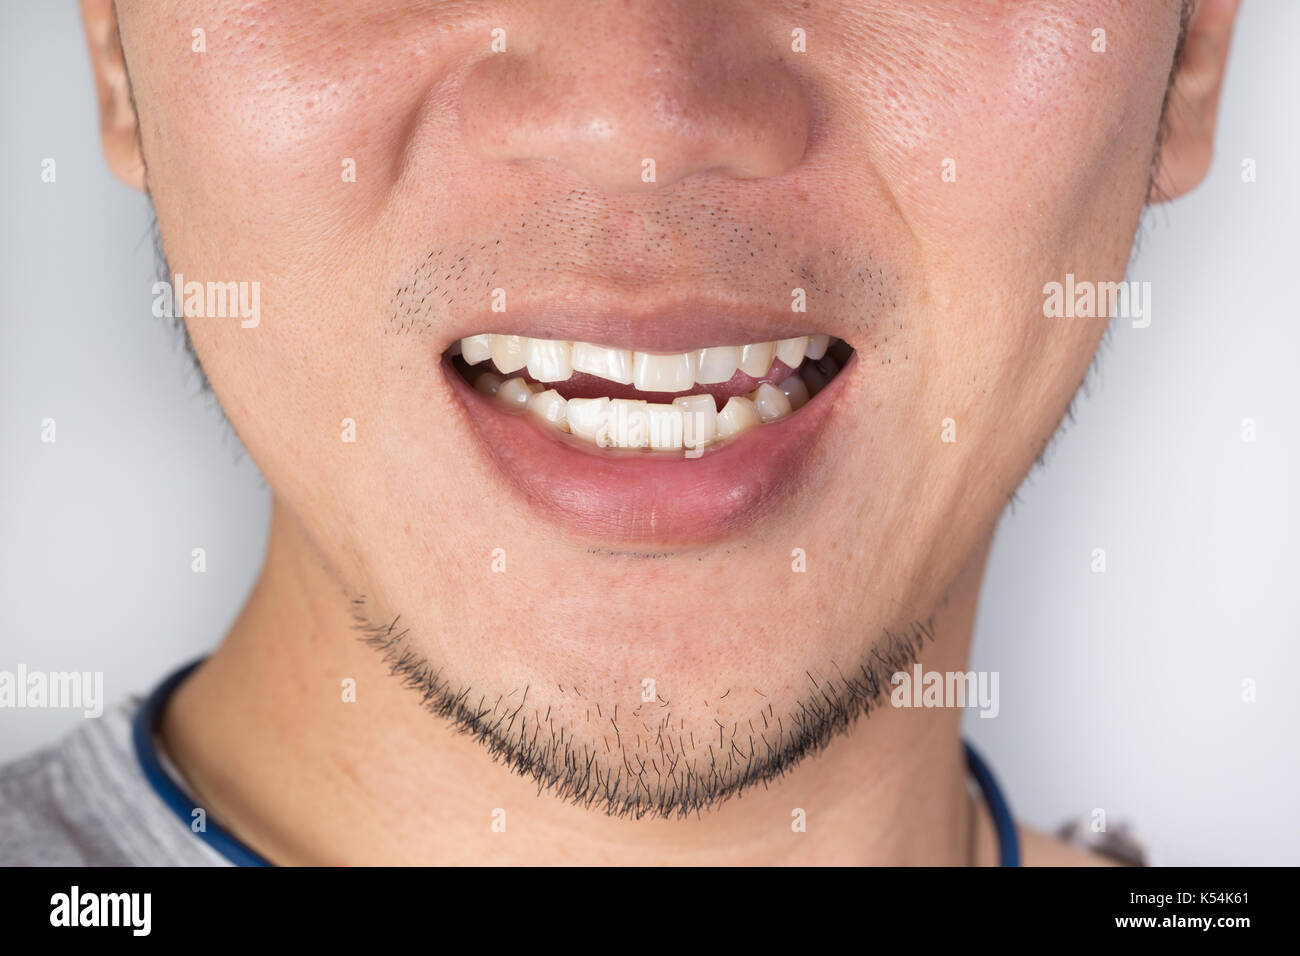 Zähne hässliche Diese hässlichen